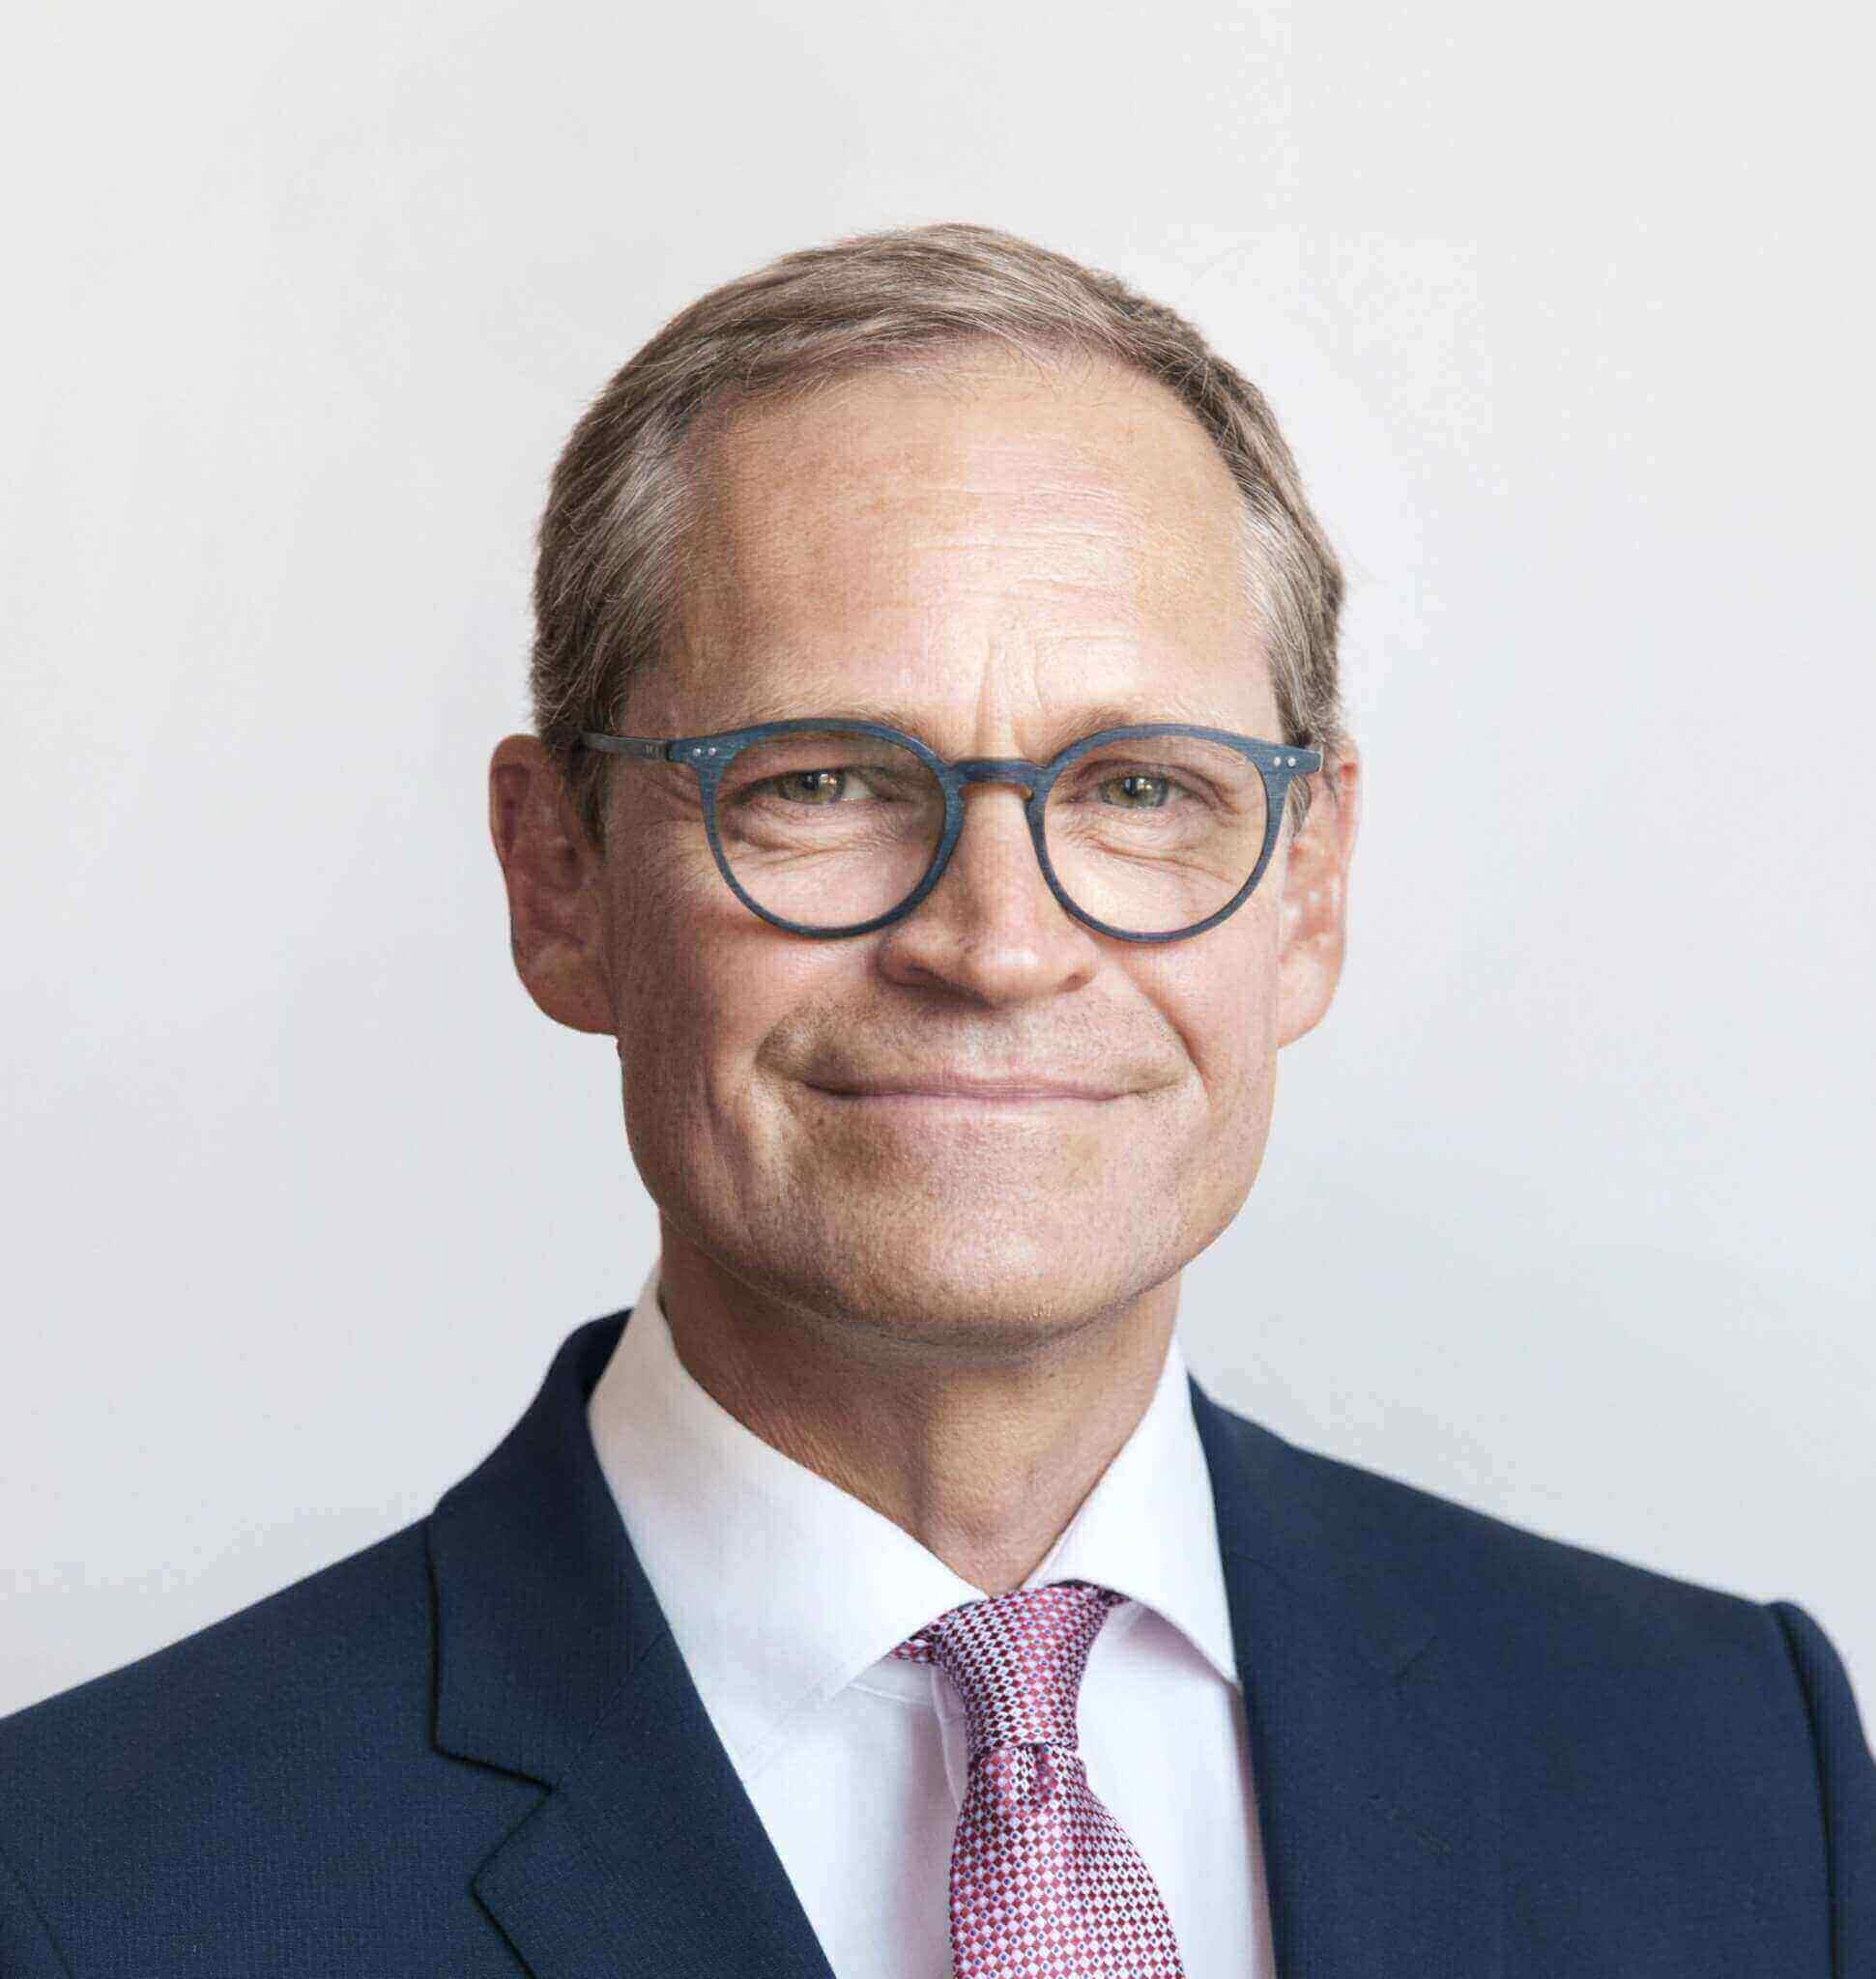 Michael Müller, Regierender Bürgermeister von Berlin